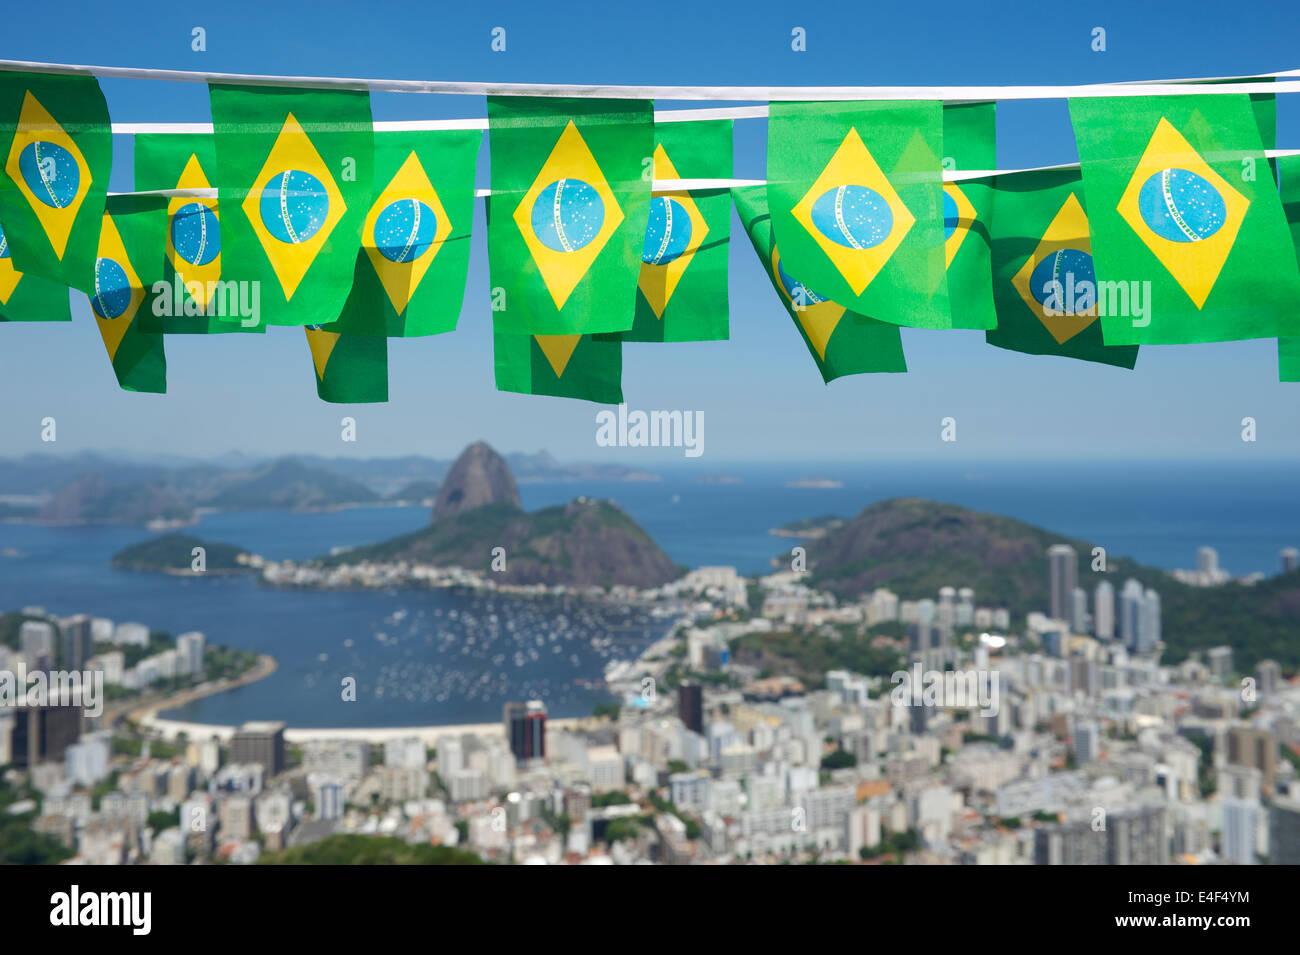 Brasilianische Dekoration brasilianische fahnen girlande dekoration oben blick auf das